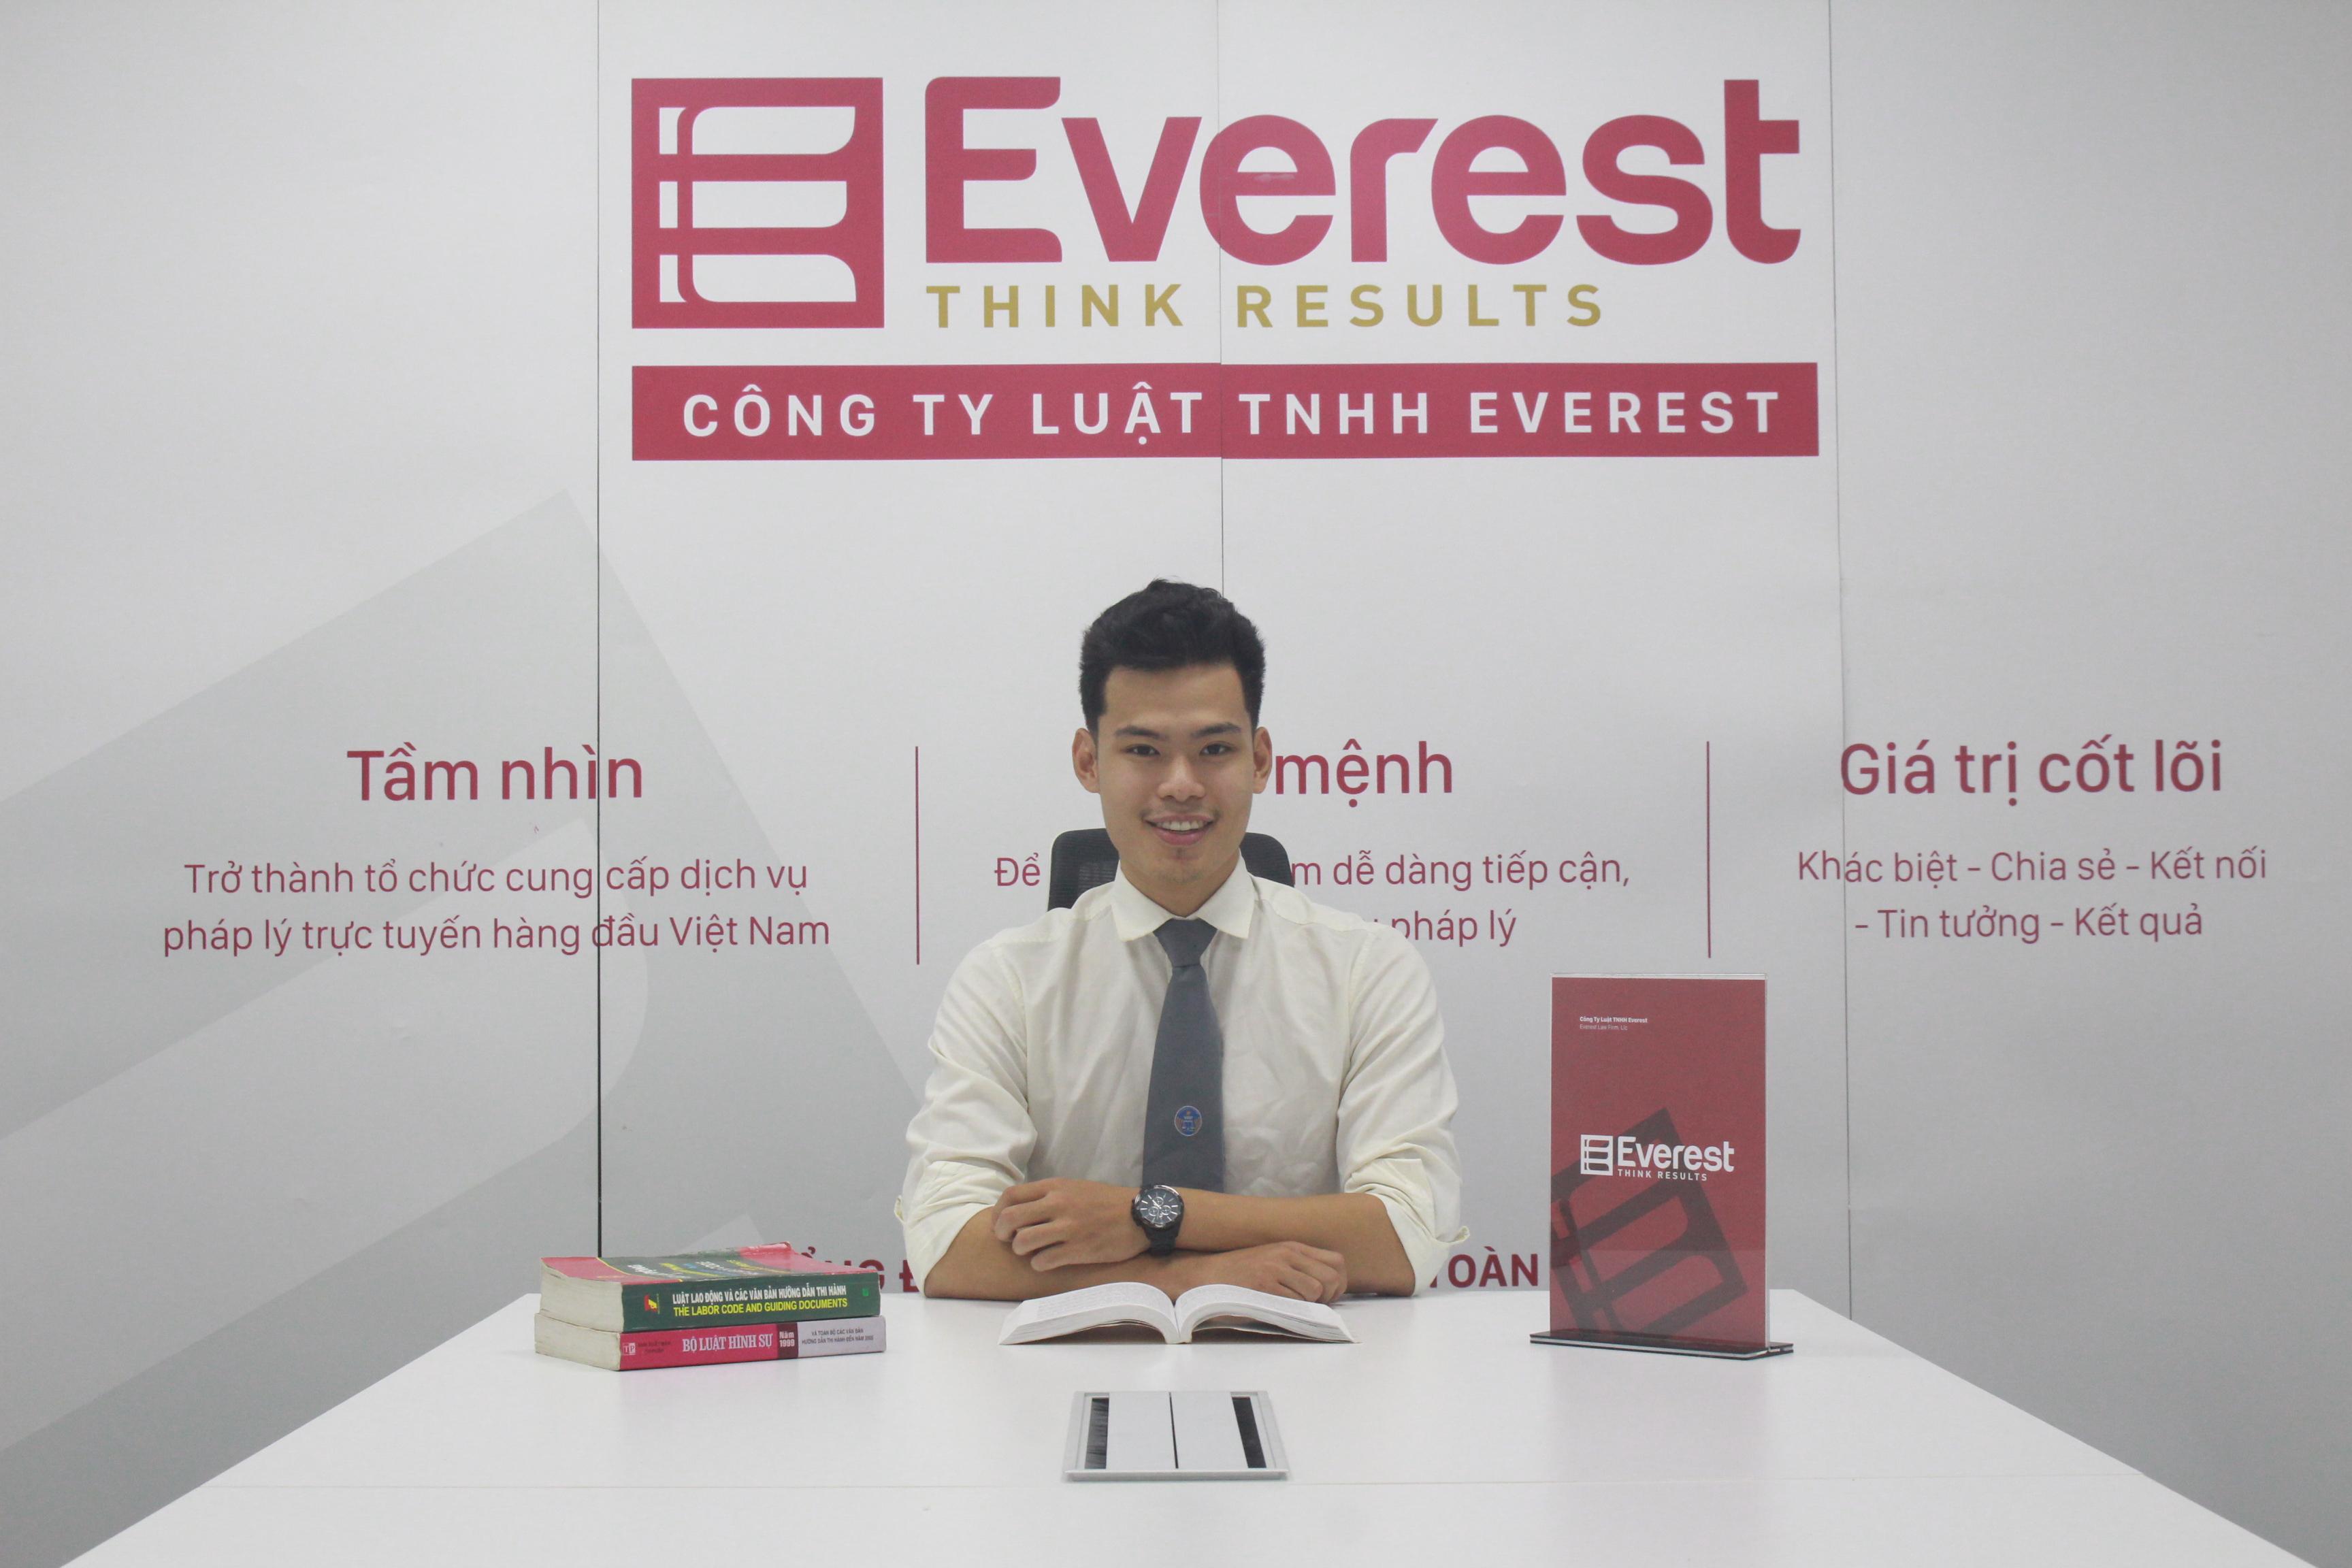 Luật gia Trần Minh Ngọc - Công ty Luật TNHH Everest - Tổng đài tư vấn (24/7):1900 6198